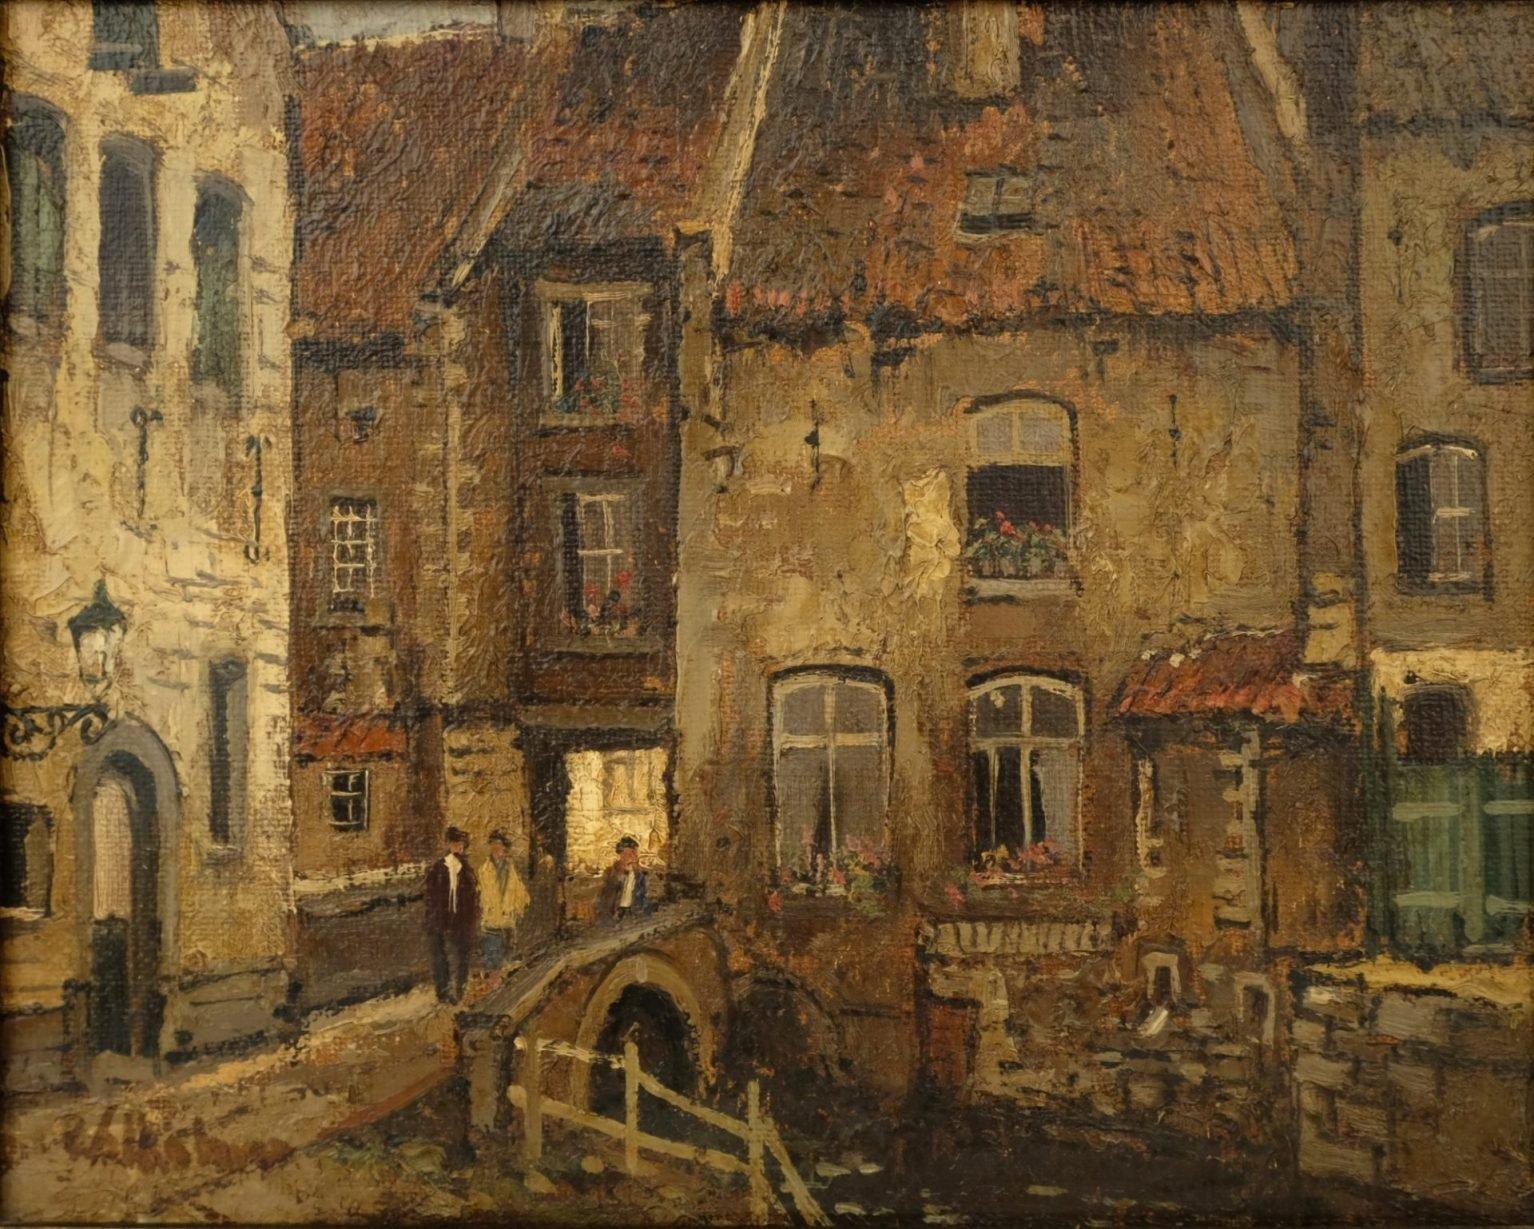 Pie Wilhelmus (1878-1961) - Sint Pieterstraat Maastricht